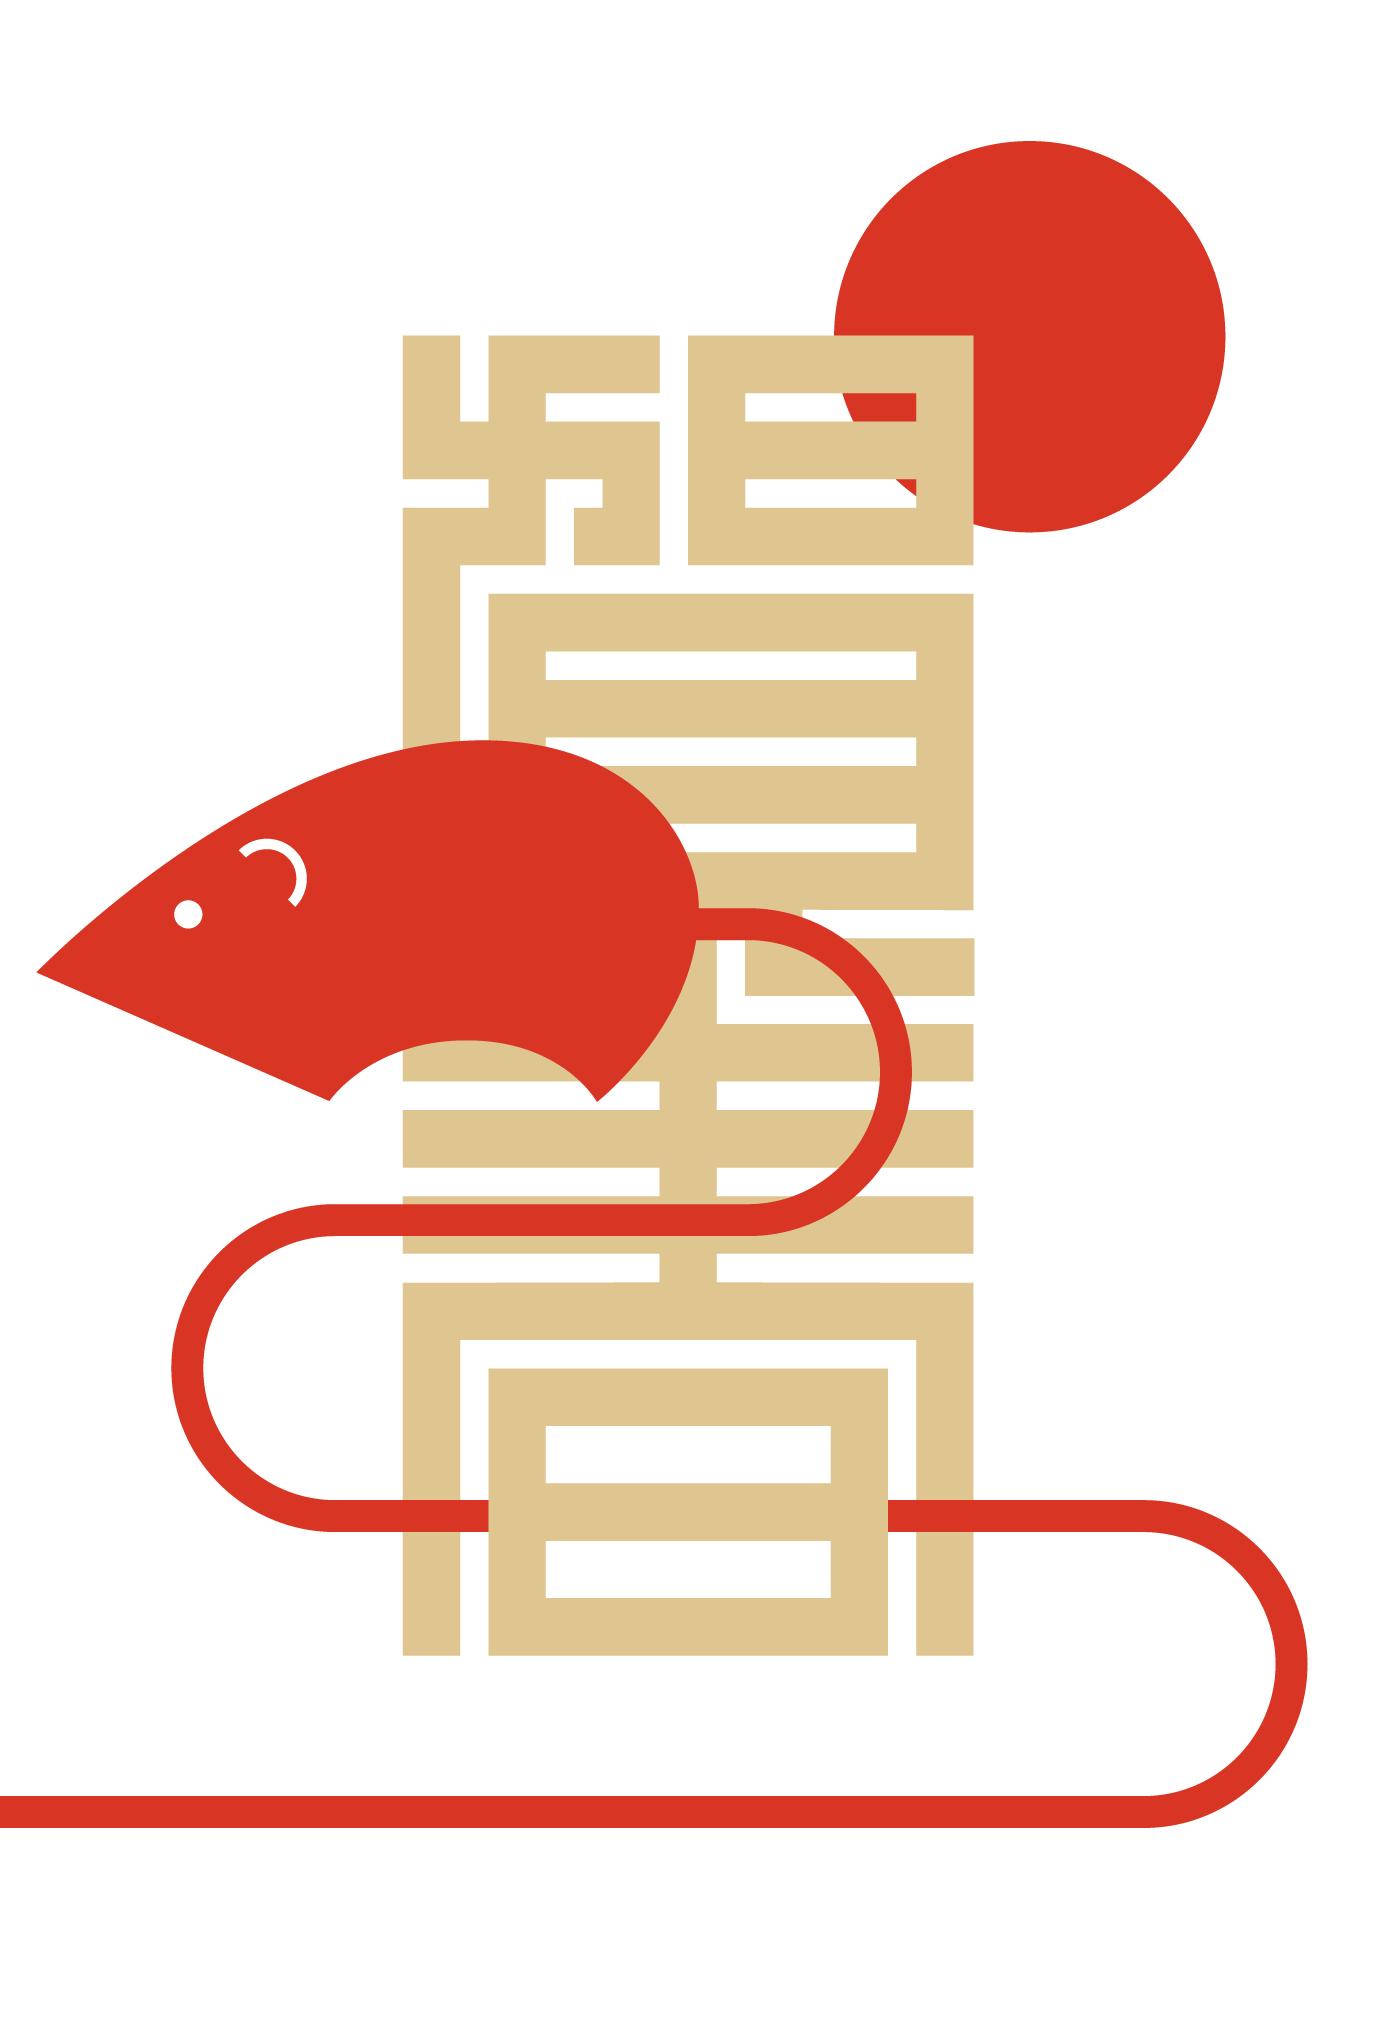 2008年賀状19:赤鼠賀春のダウンロード画像